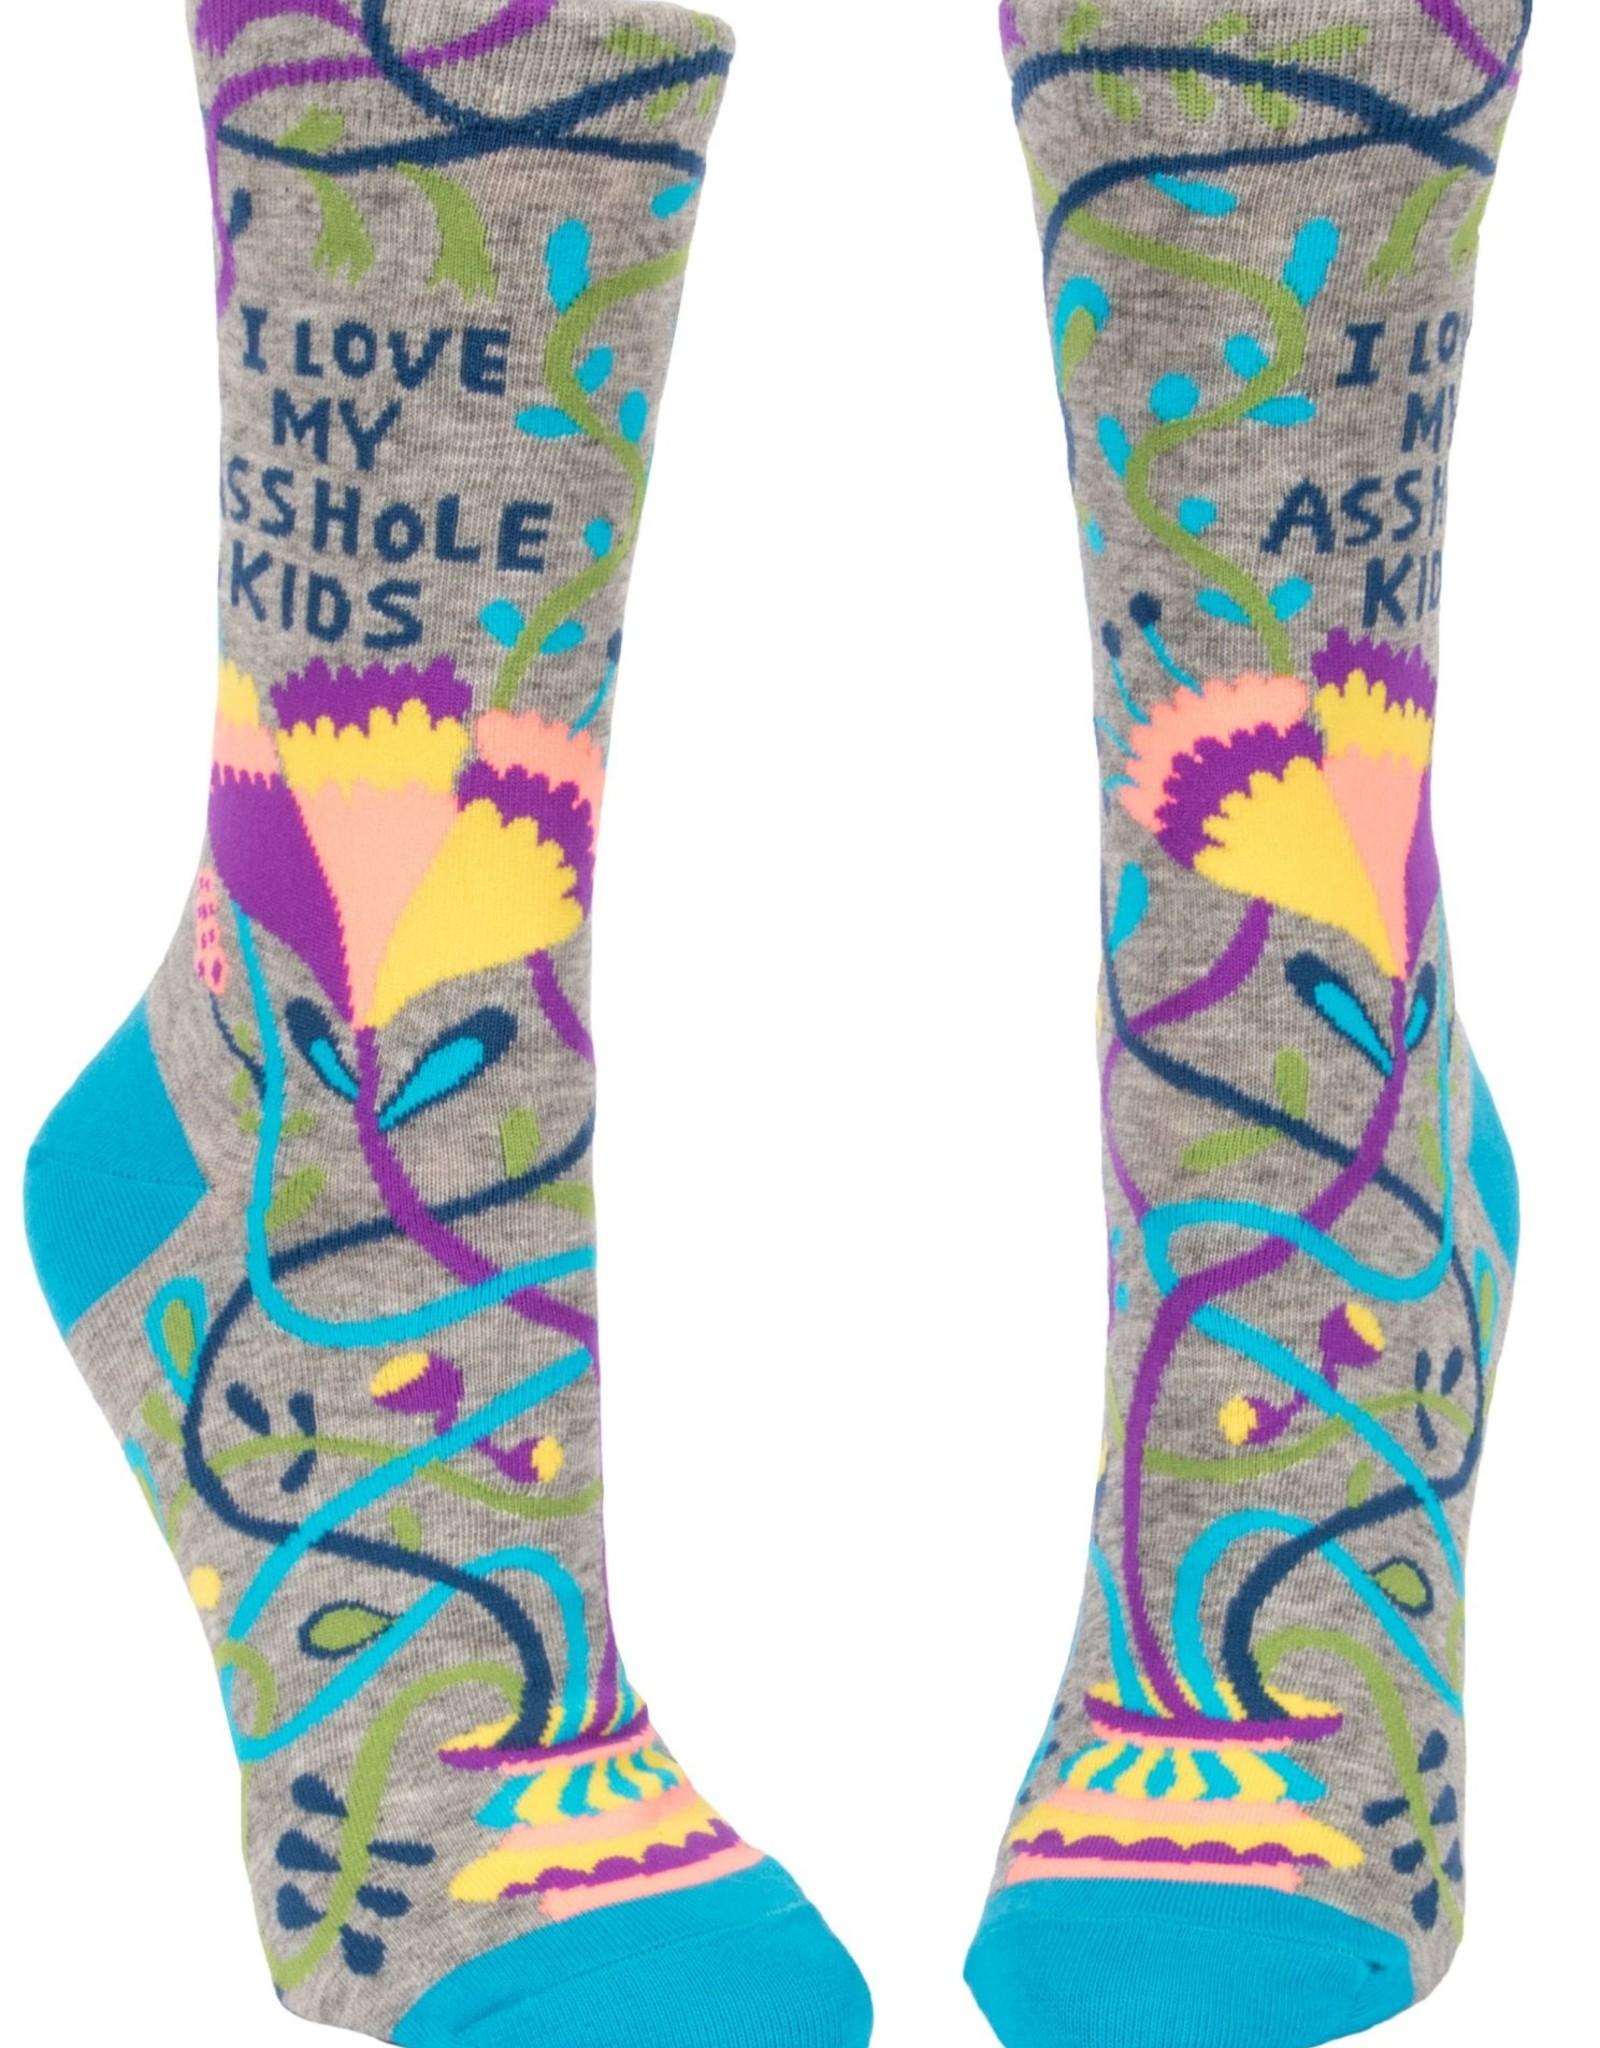 Love My Asshole Kids Women's Crew Socks